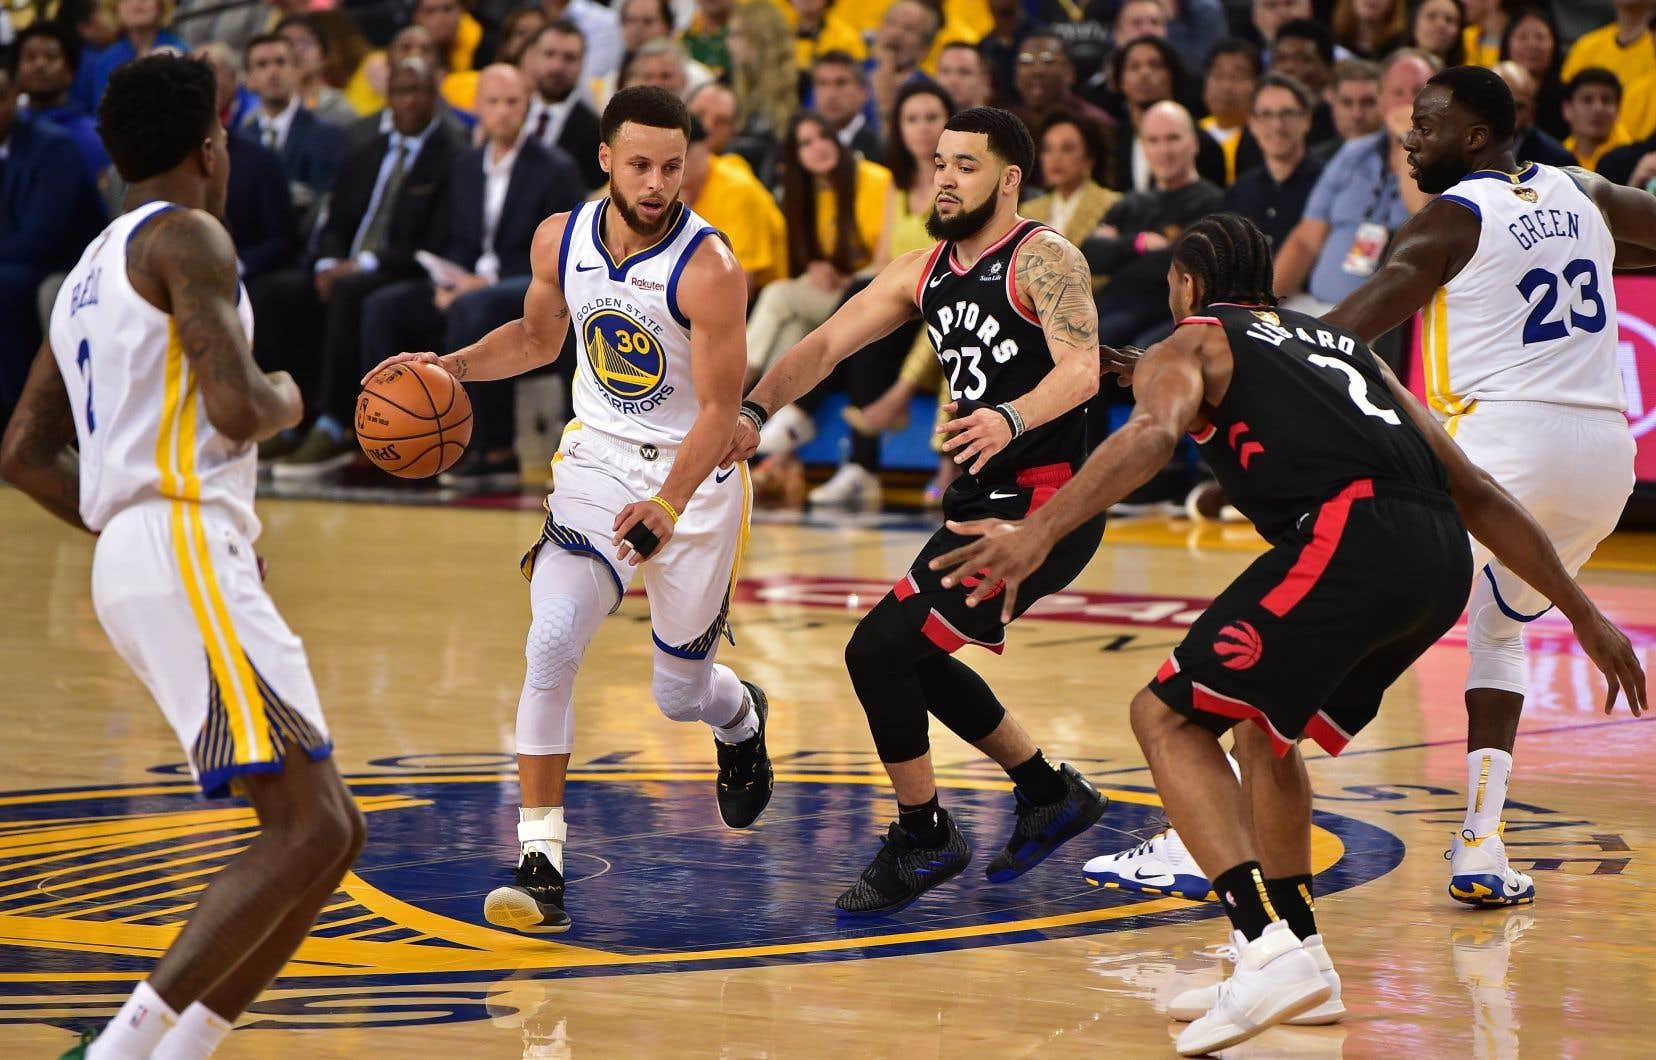 L'enthousiasme des amateurs de basketball d'un océan à l'autre n'a cessé de croître tout au long des séries éliminatoires de la NBA.